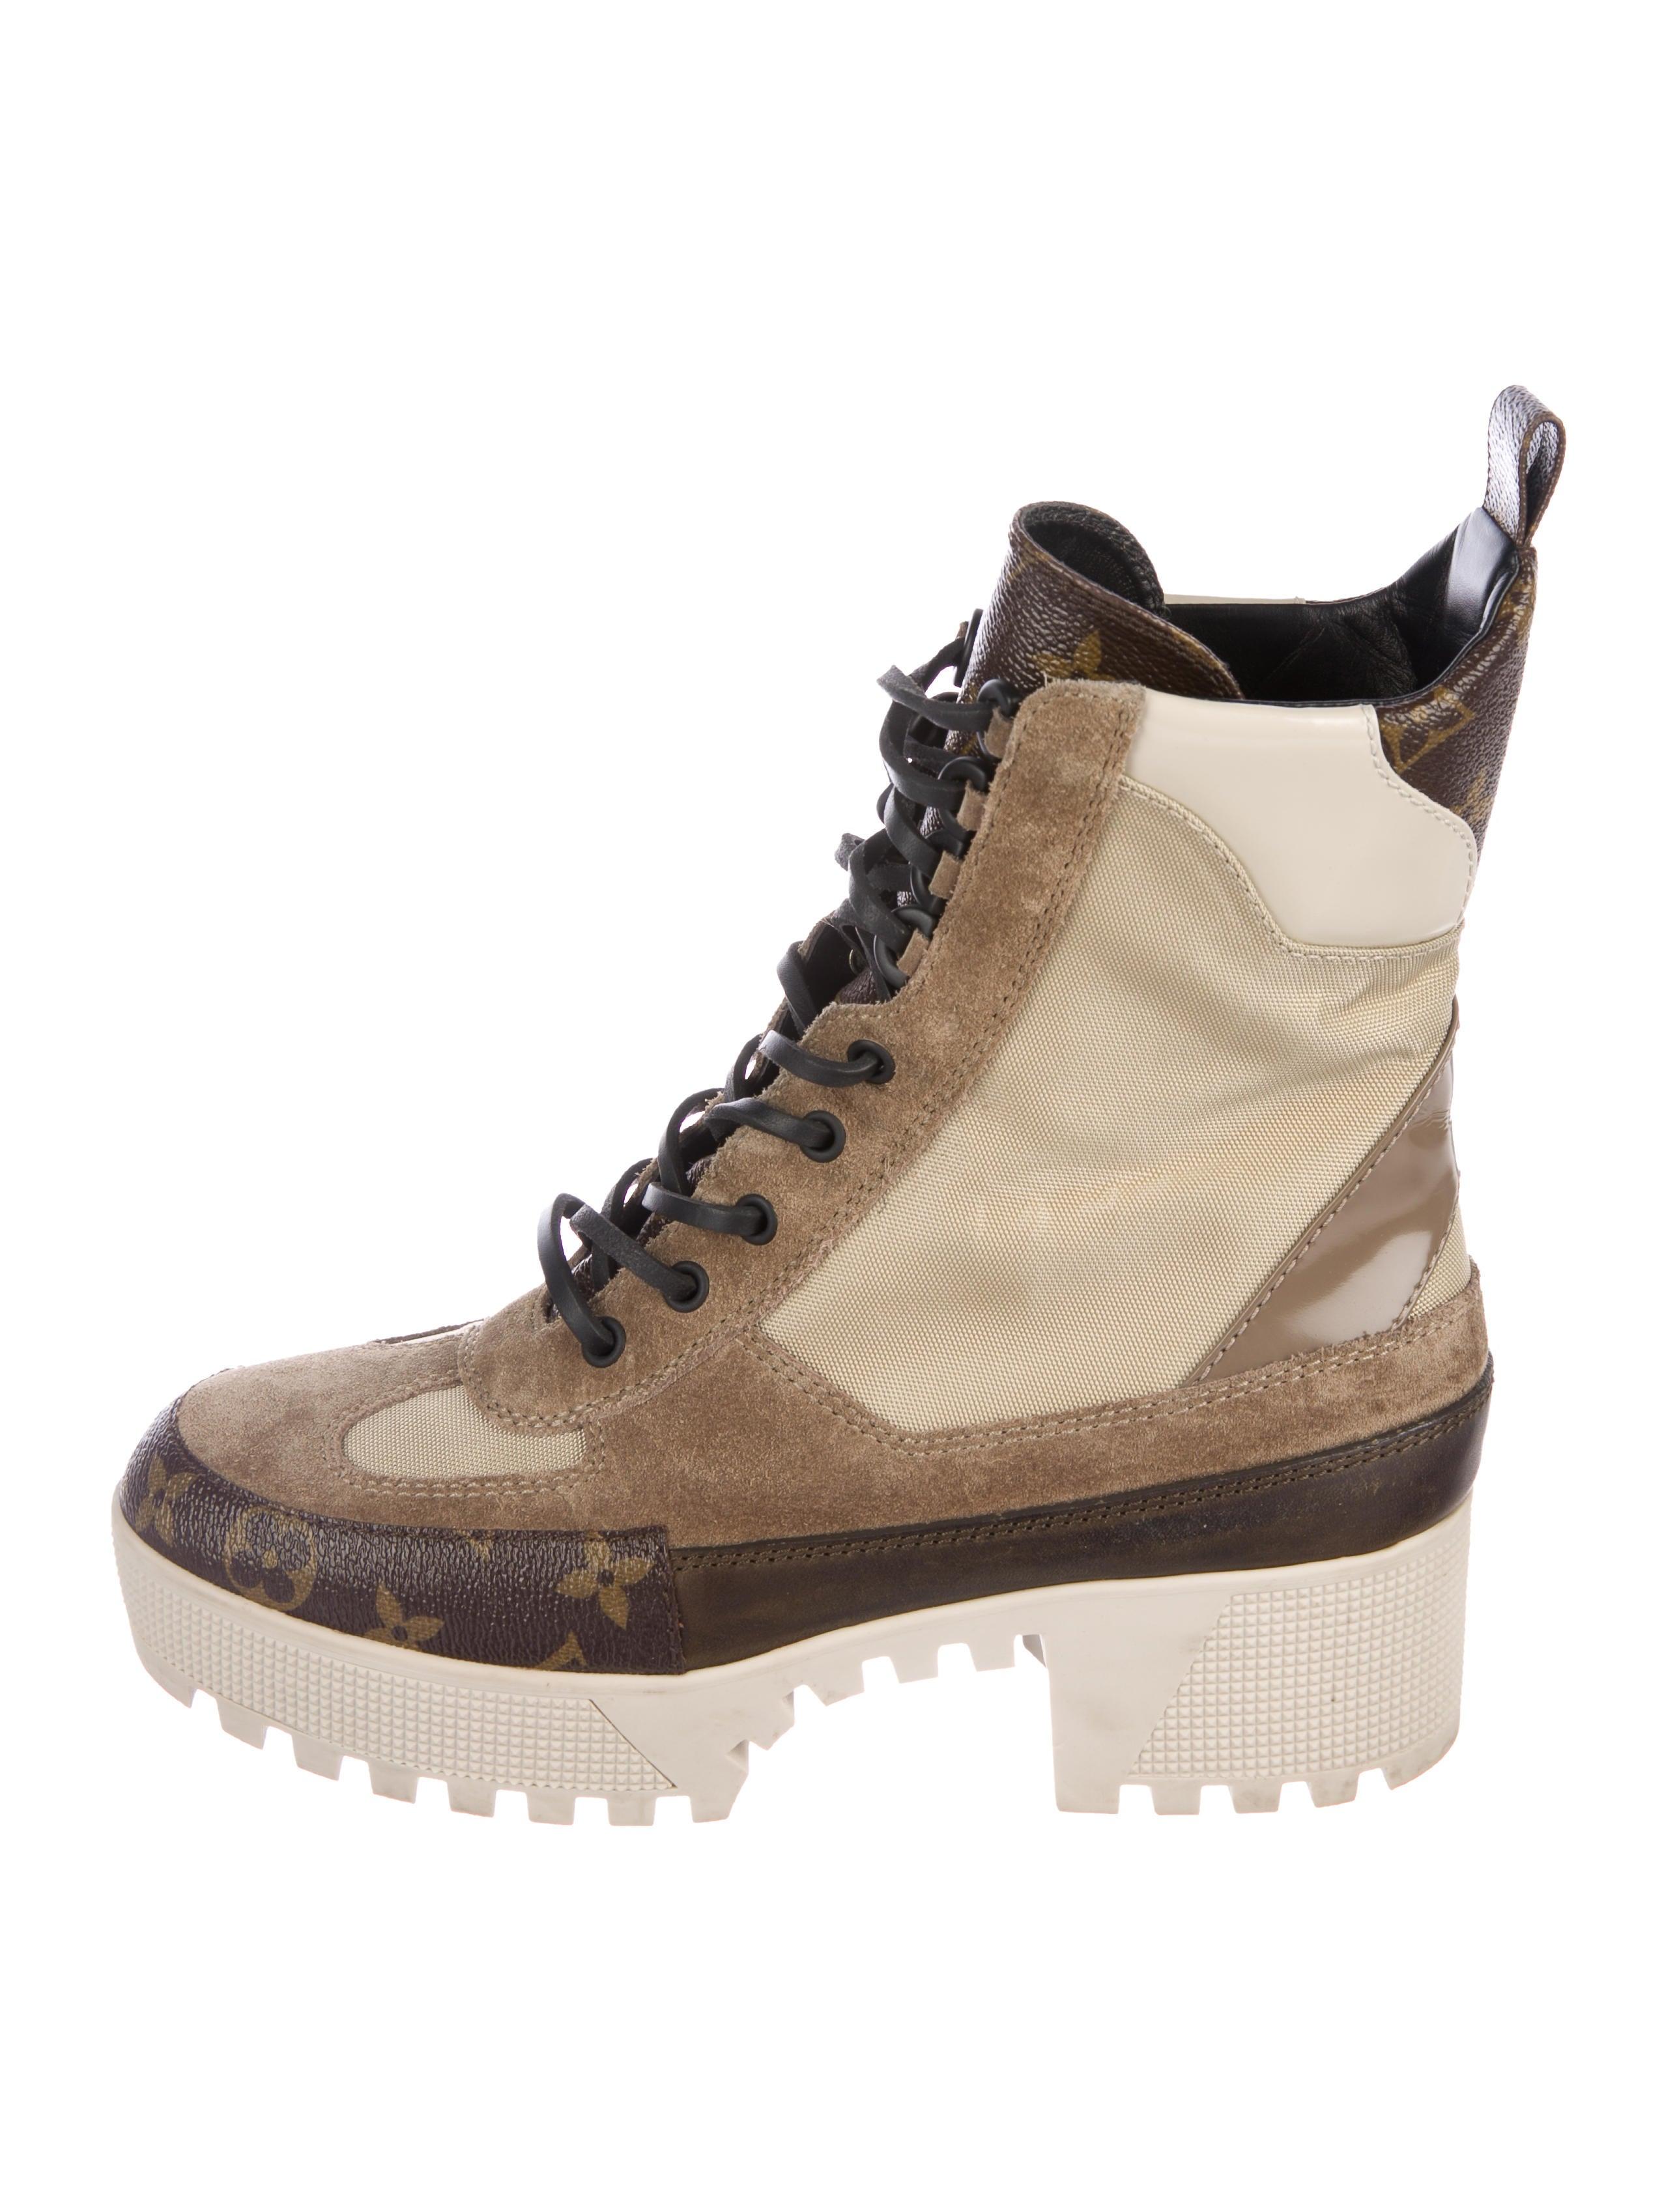 76cd7209cf19 Louis Vuitton 2017 Laureate Platform Desert Boots - Shoes ...